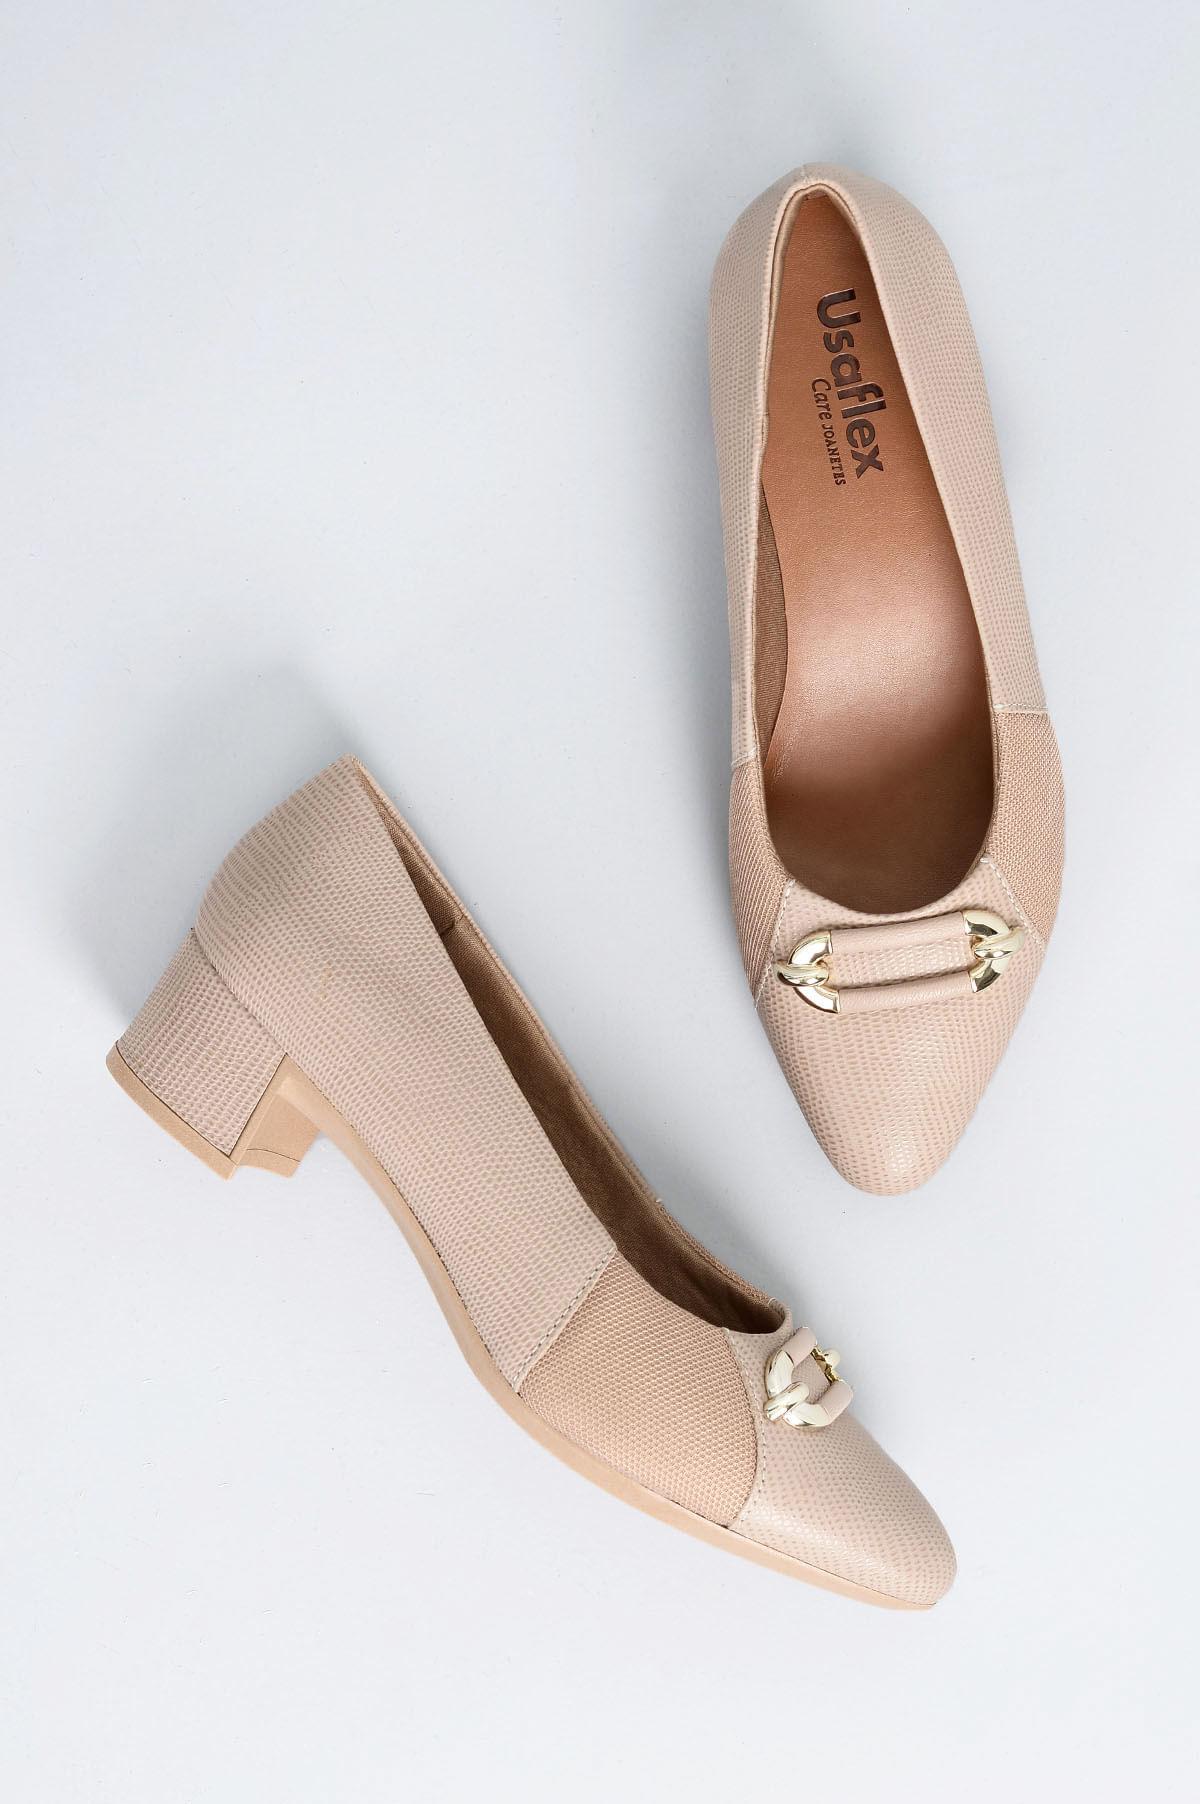 8b0d0fc89 Sapato Feminino Salto Baixo Pagie Usaflex CR - BEGE - Mundial Calçados